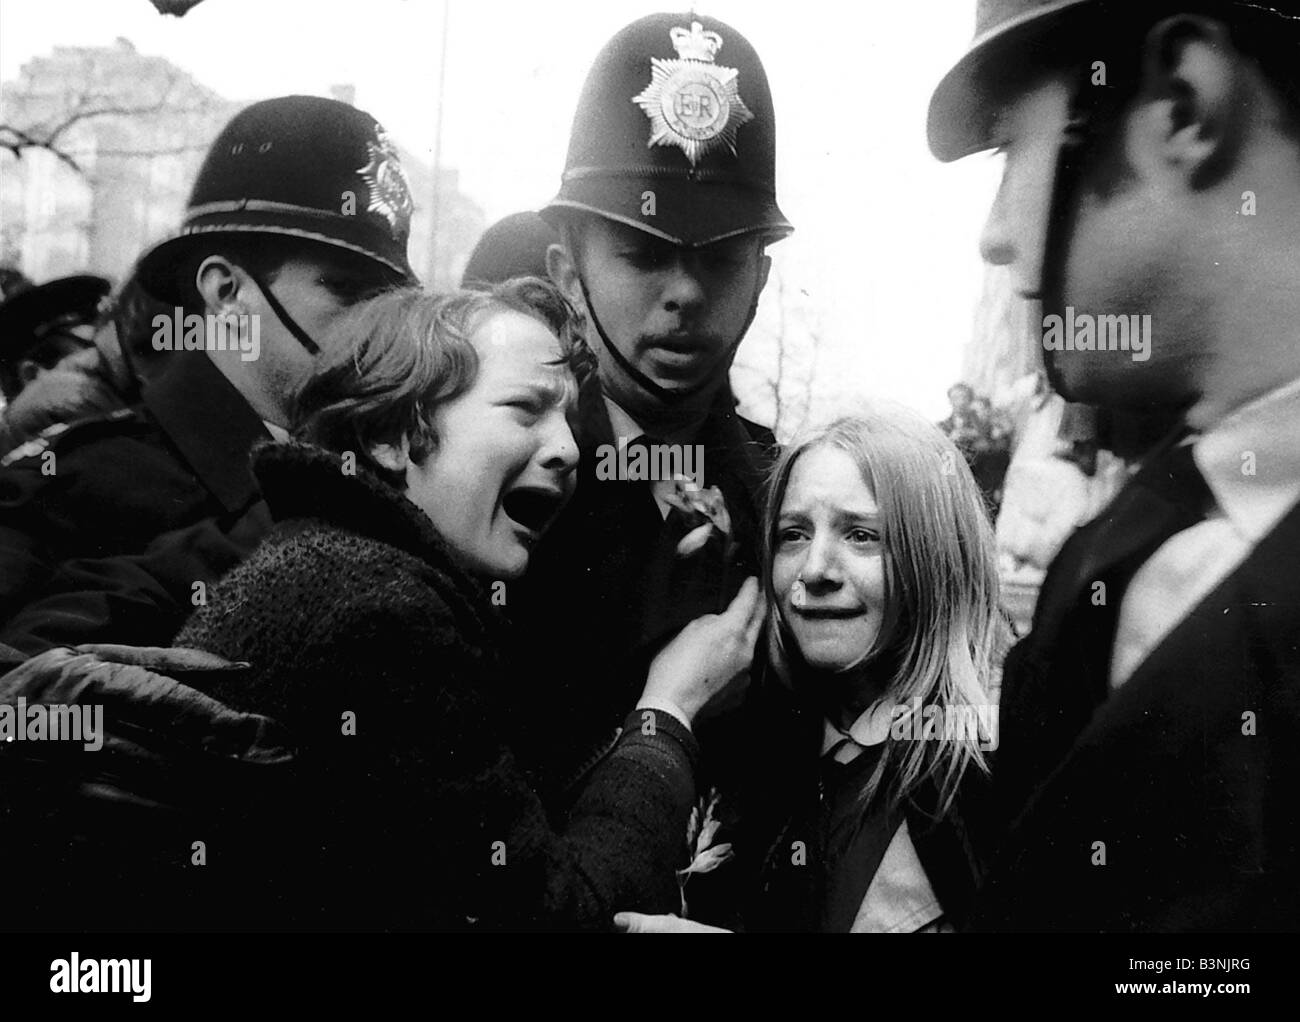 Beatles Fans Weinen, weil Paul McCartney heirateten von Polizei März 1969 abgeführt sind verärgertStockfoto